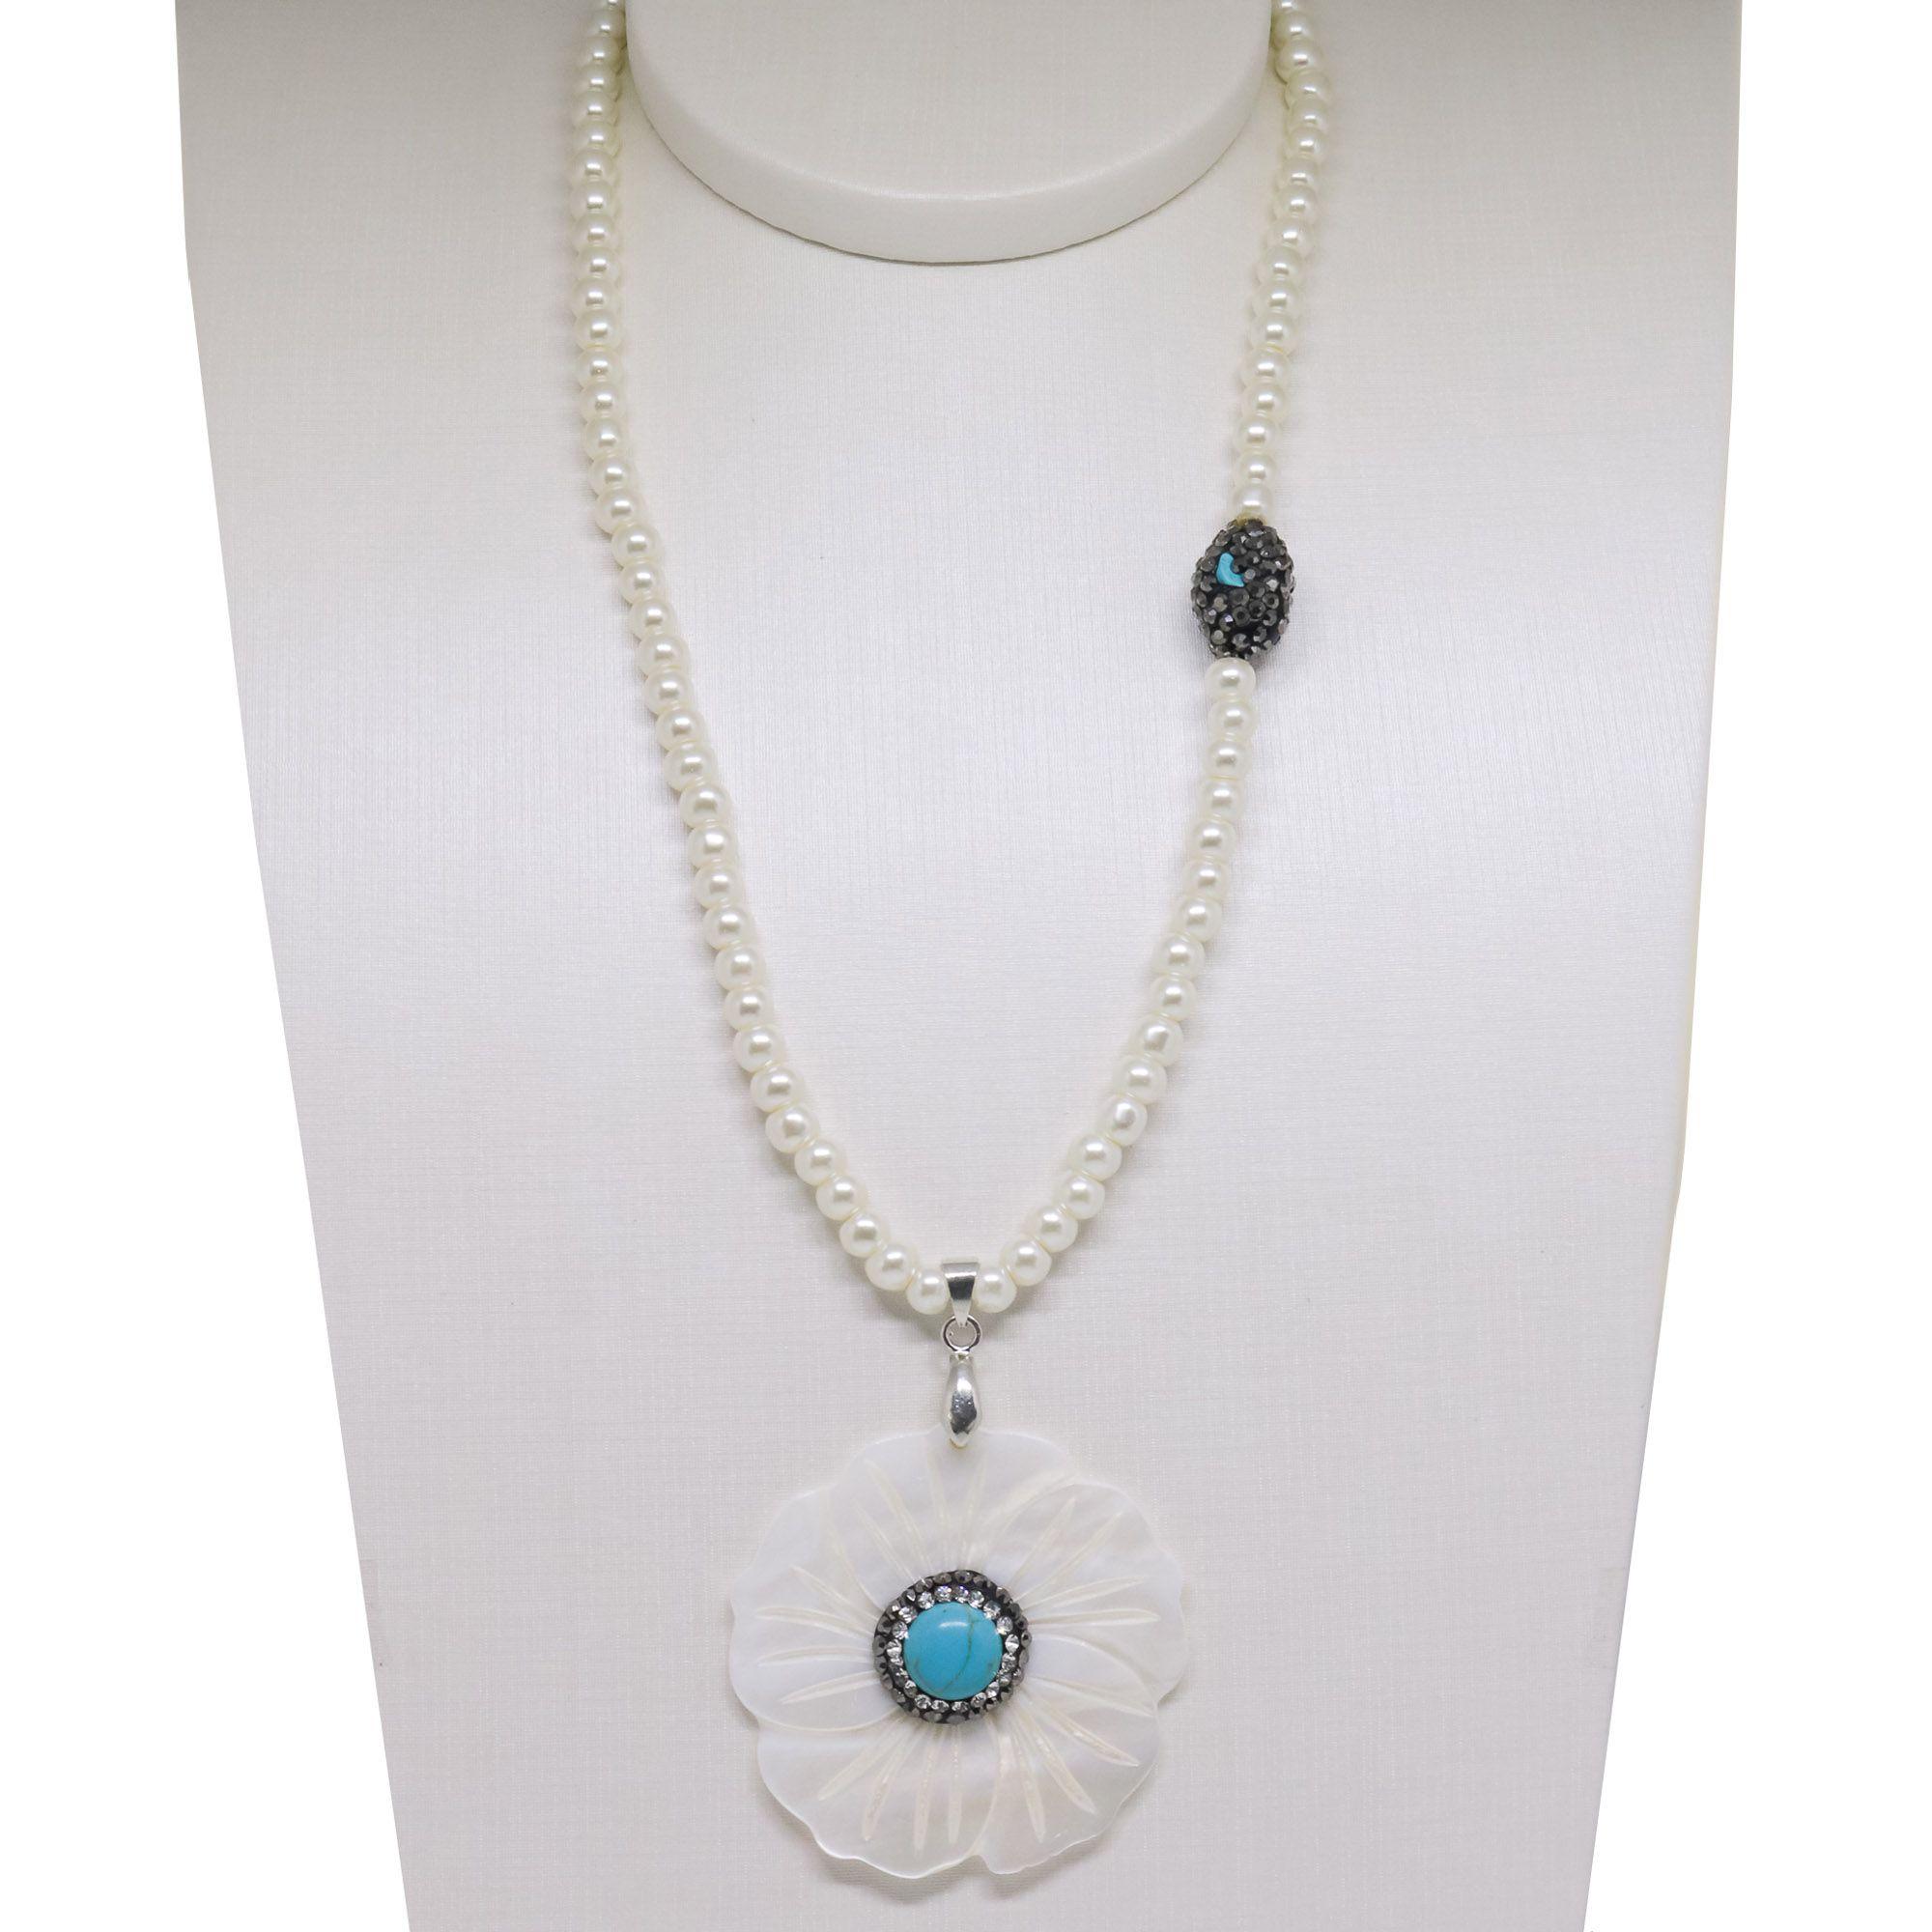 Colar Semi joia  Pérolas com flor de Madrepérola  e e pedra natural  Howlita Turquesa, com banho de Rhodium